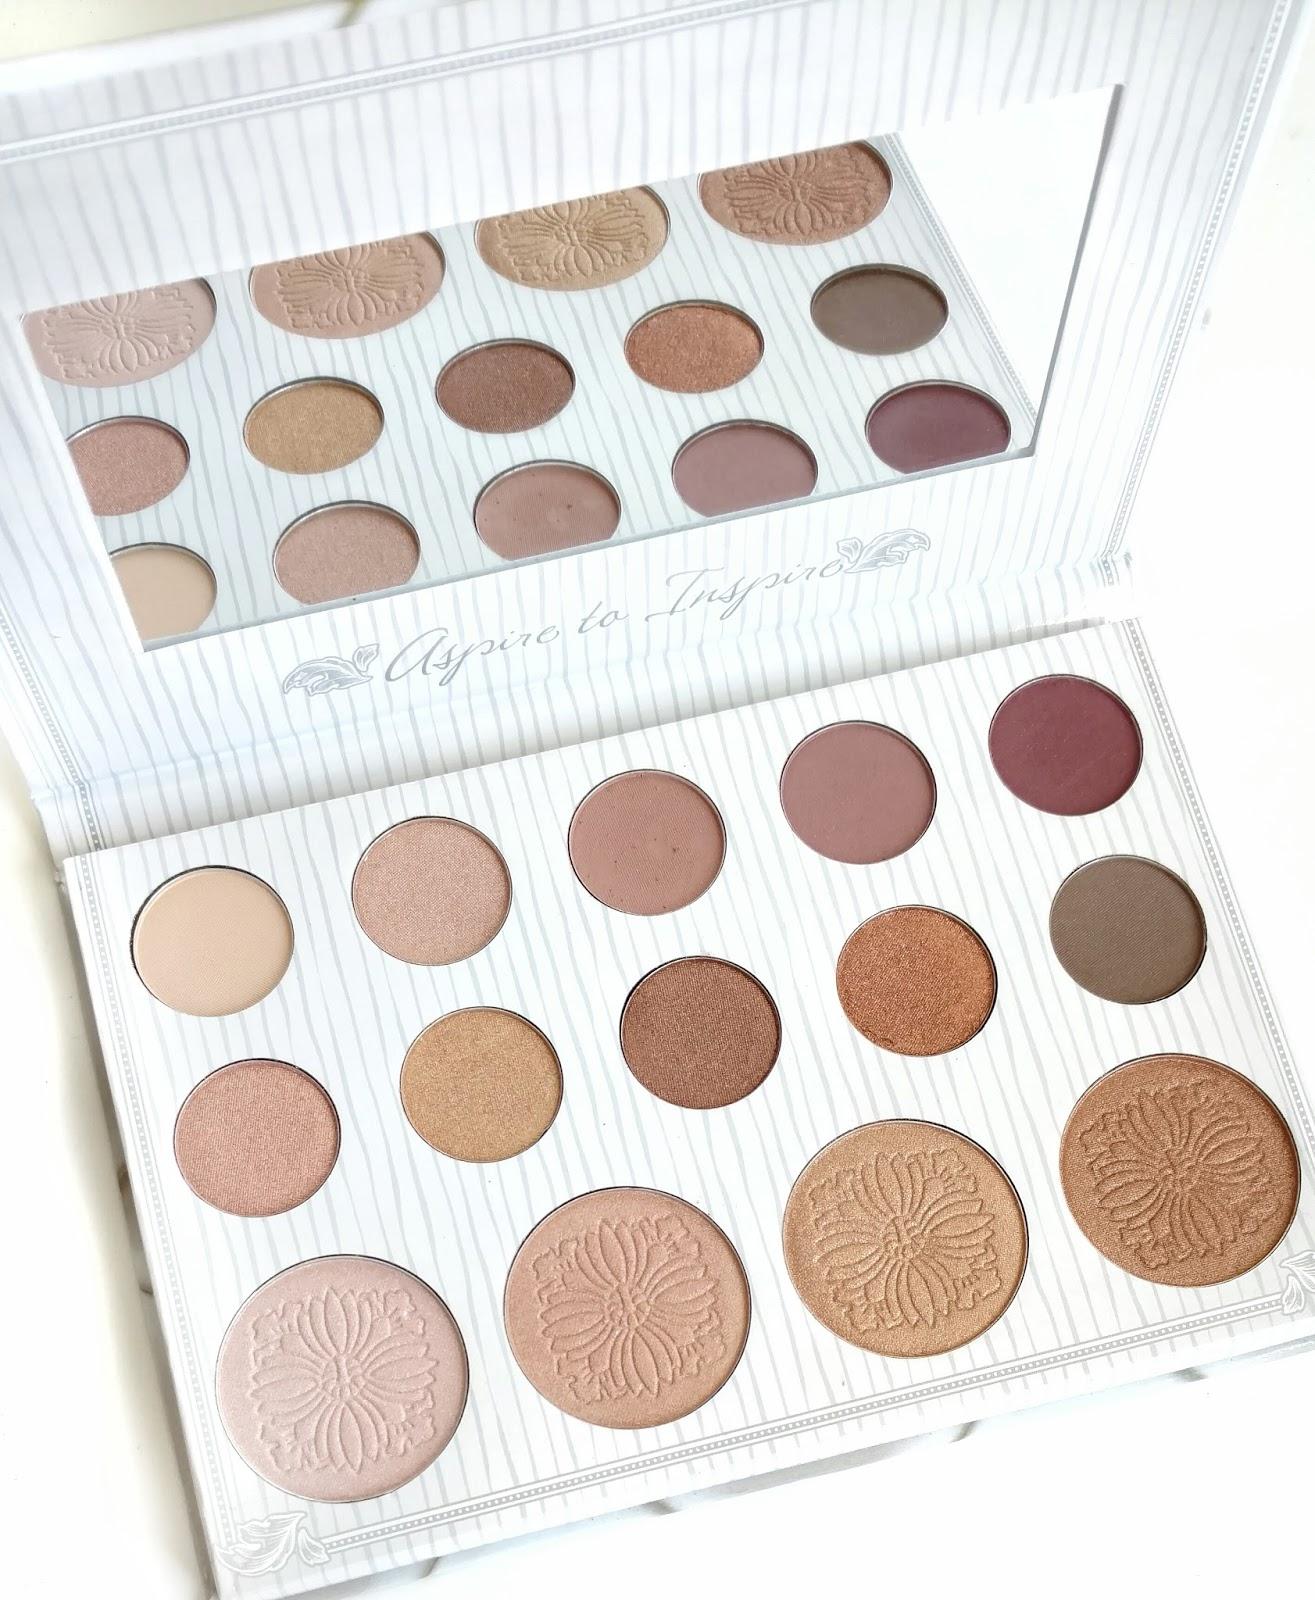 Carli Bybel Eyeshadown Palette Review